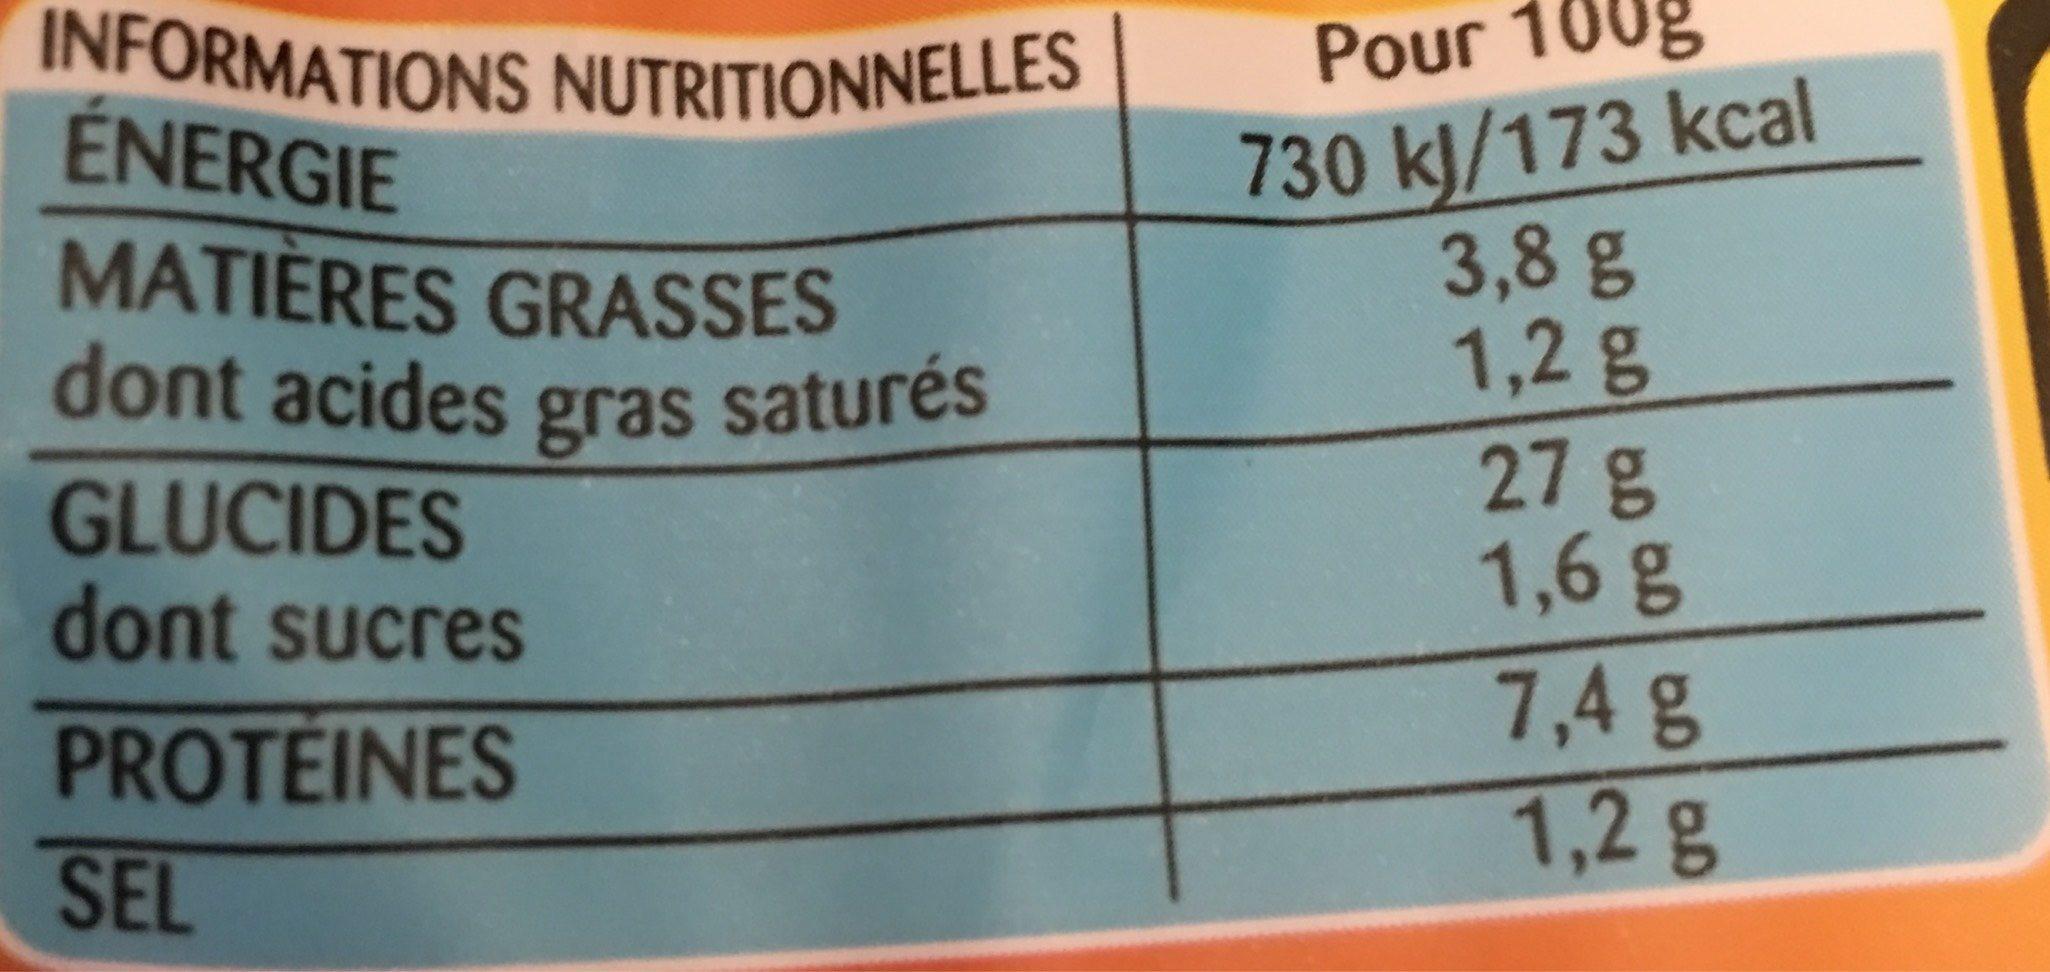 Pâtes Tortellini au Fromage - Informations nutritionnelles - fr